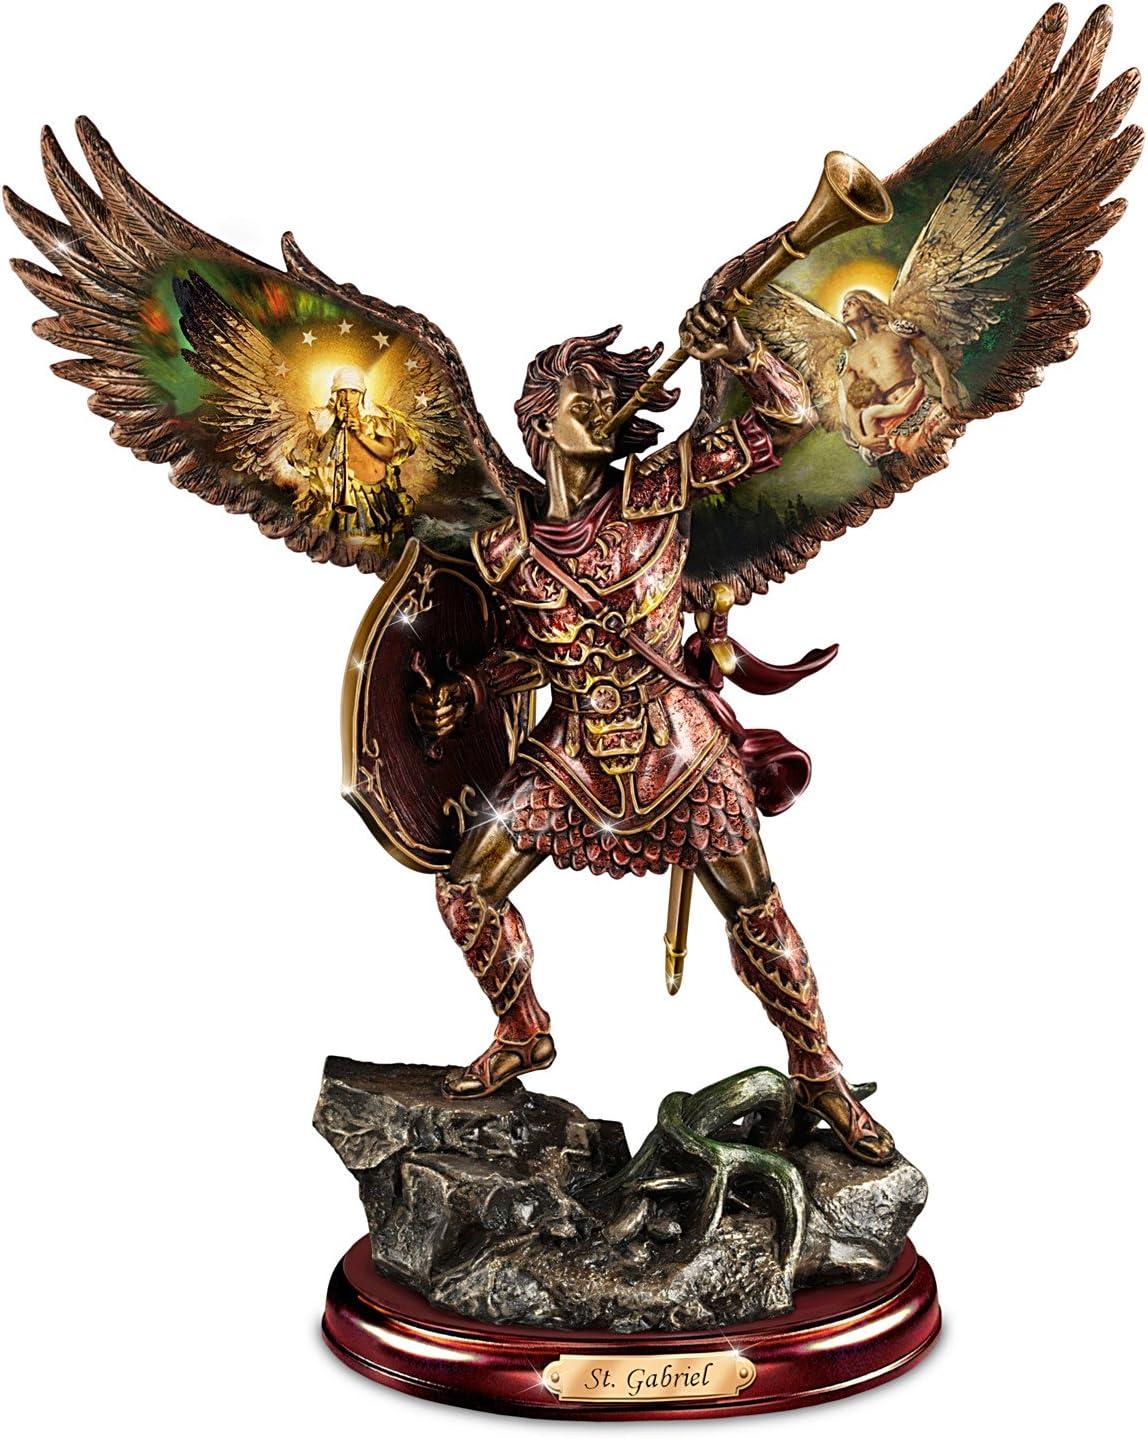 The Bradford Exchange Archangel Gabriel Sculpture with Howard David Johnson Artwork